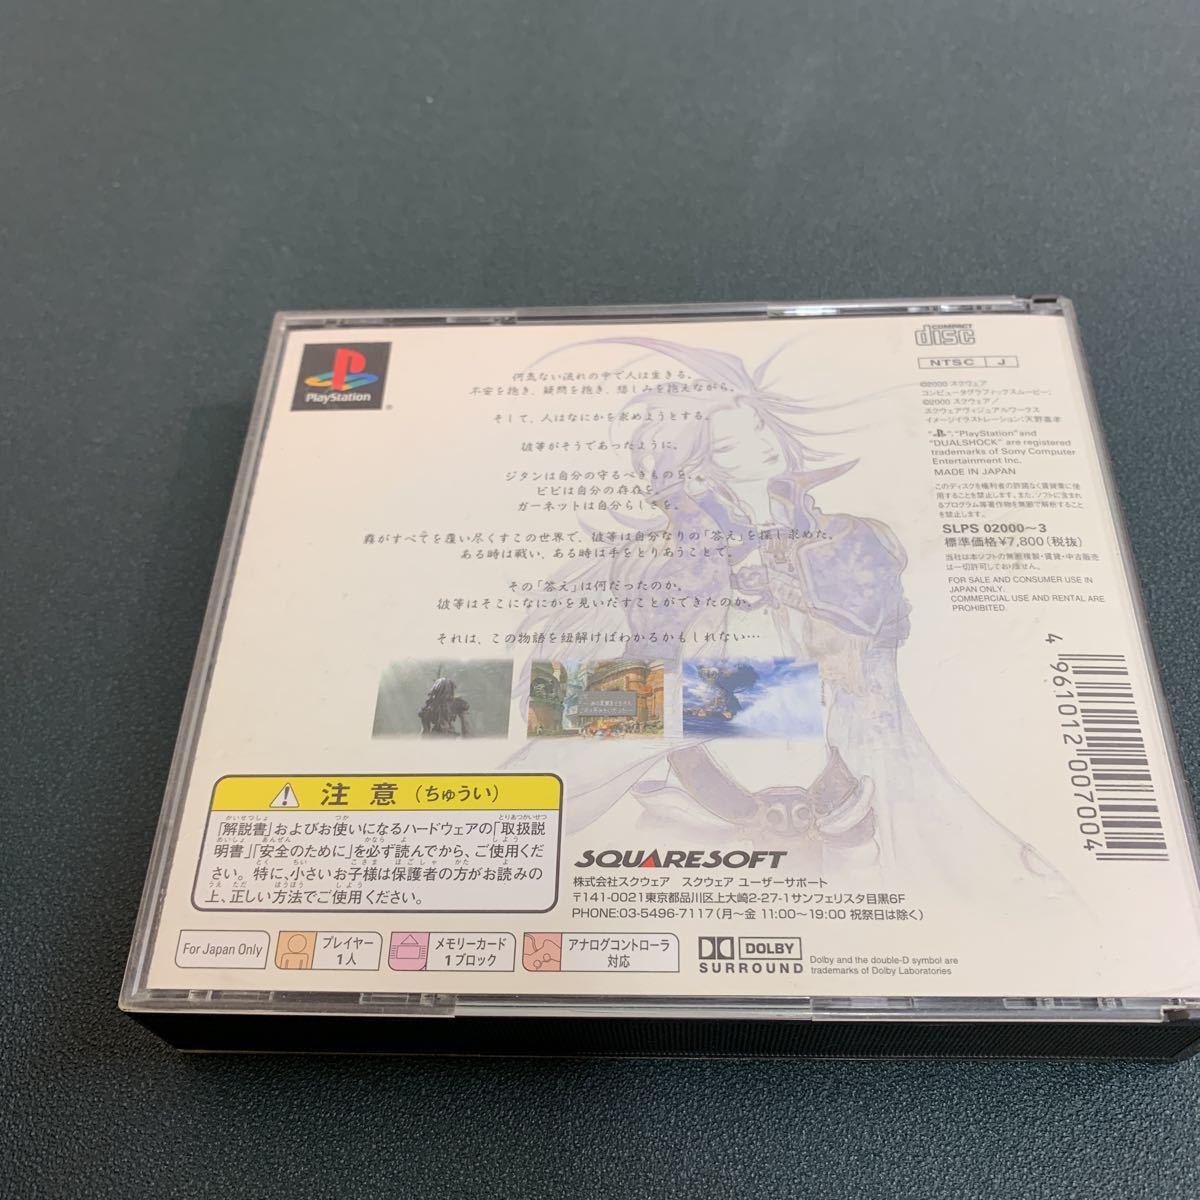 ファイナルファンタジー9 Ⅸ プレイステーション PSソフト ソフト PS1 送料無料 FF9